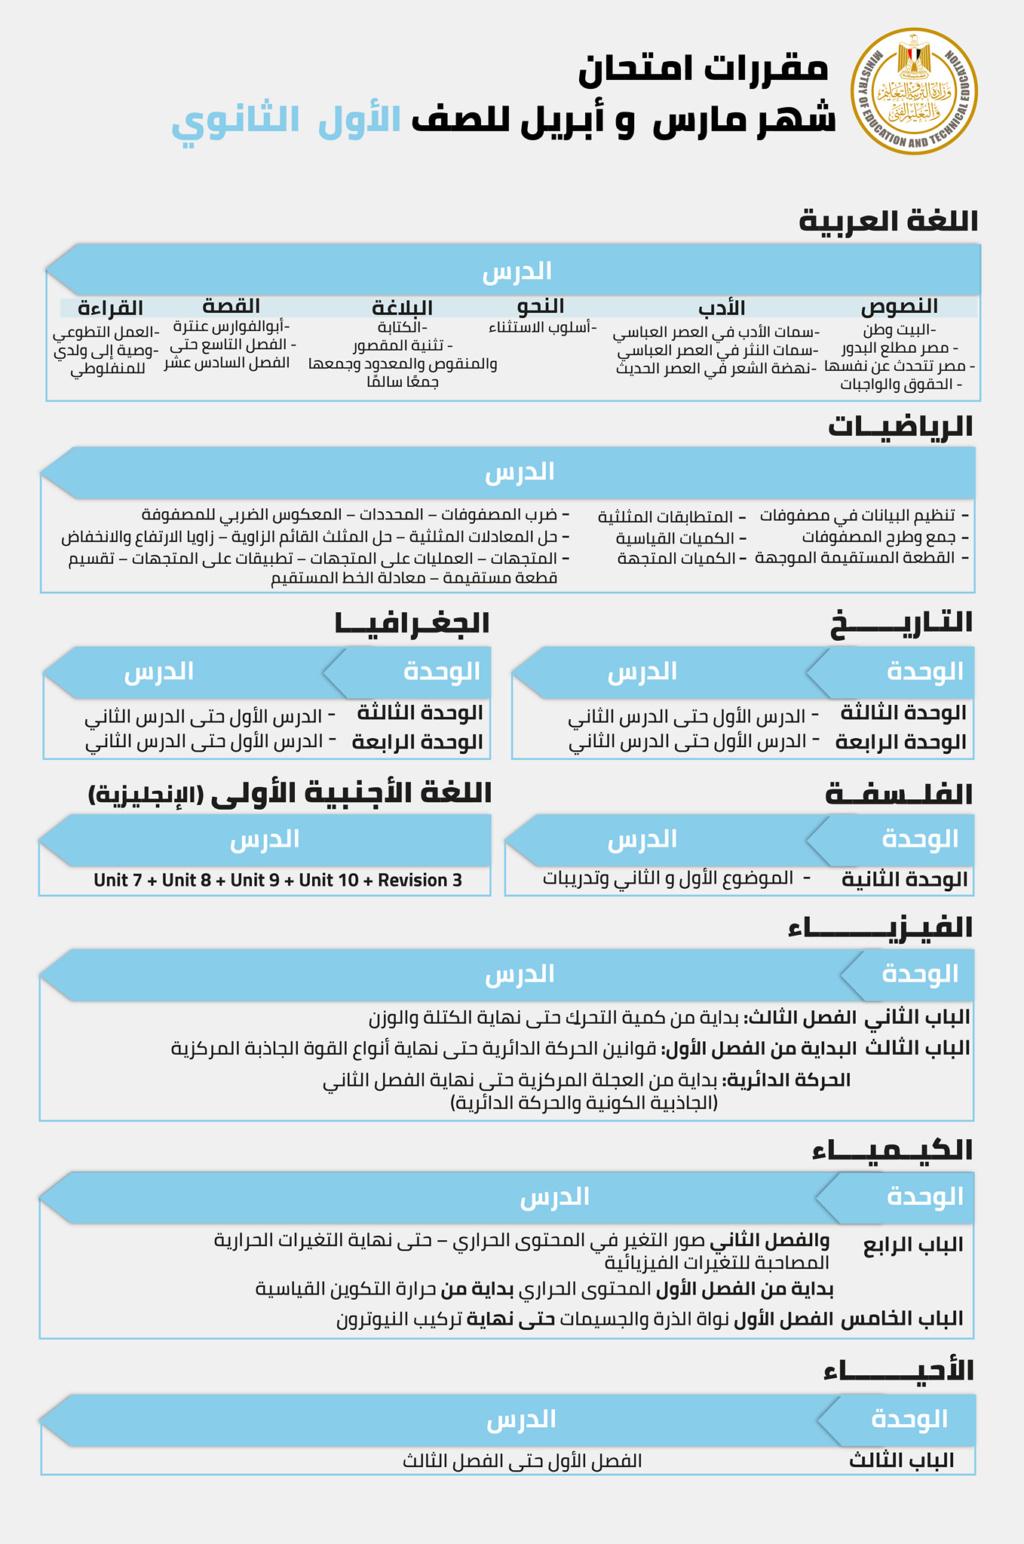 مقررات ومناهج امتحان شهر أبريل للصفوف الأول والثاني الثانوي من خلال الجداول التالية. 16482513